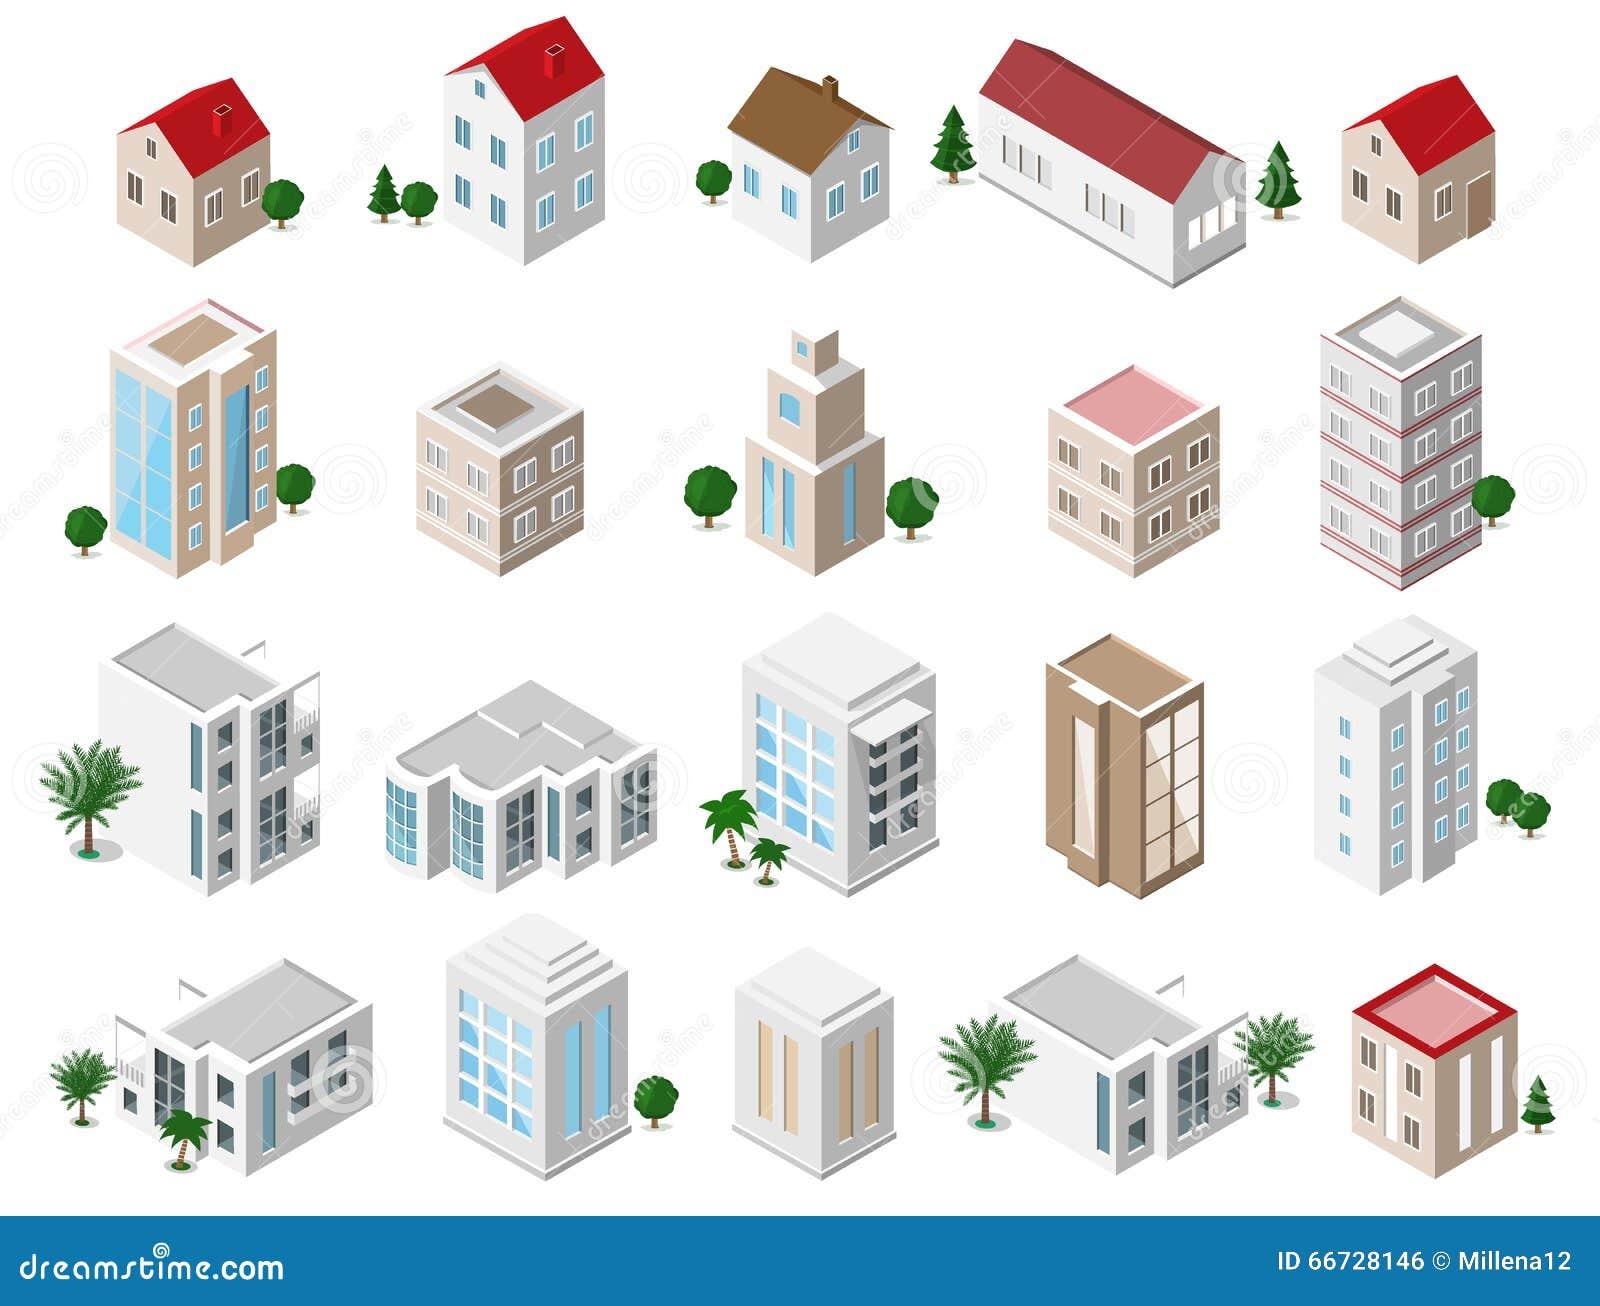 Σύνολο τρισδιάστατων λεπτομερών isometric κτηρίων πόλεων: ιδιωτικά σπίτια, ουρανοξύστες, ακίνητη περιουσία, δημόσια κτίρια, ξενοδ